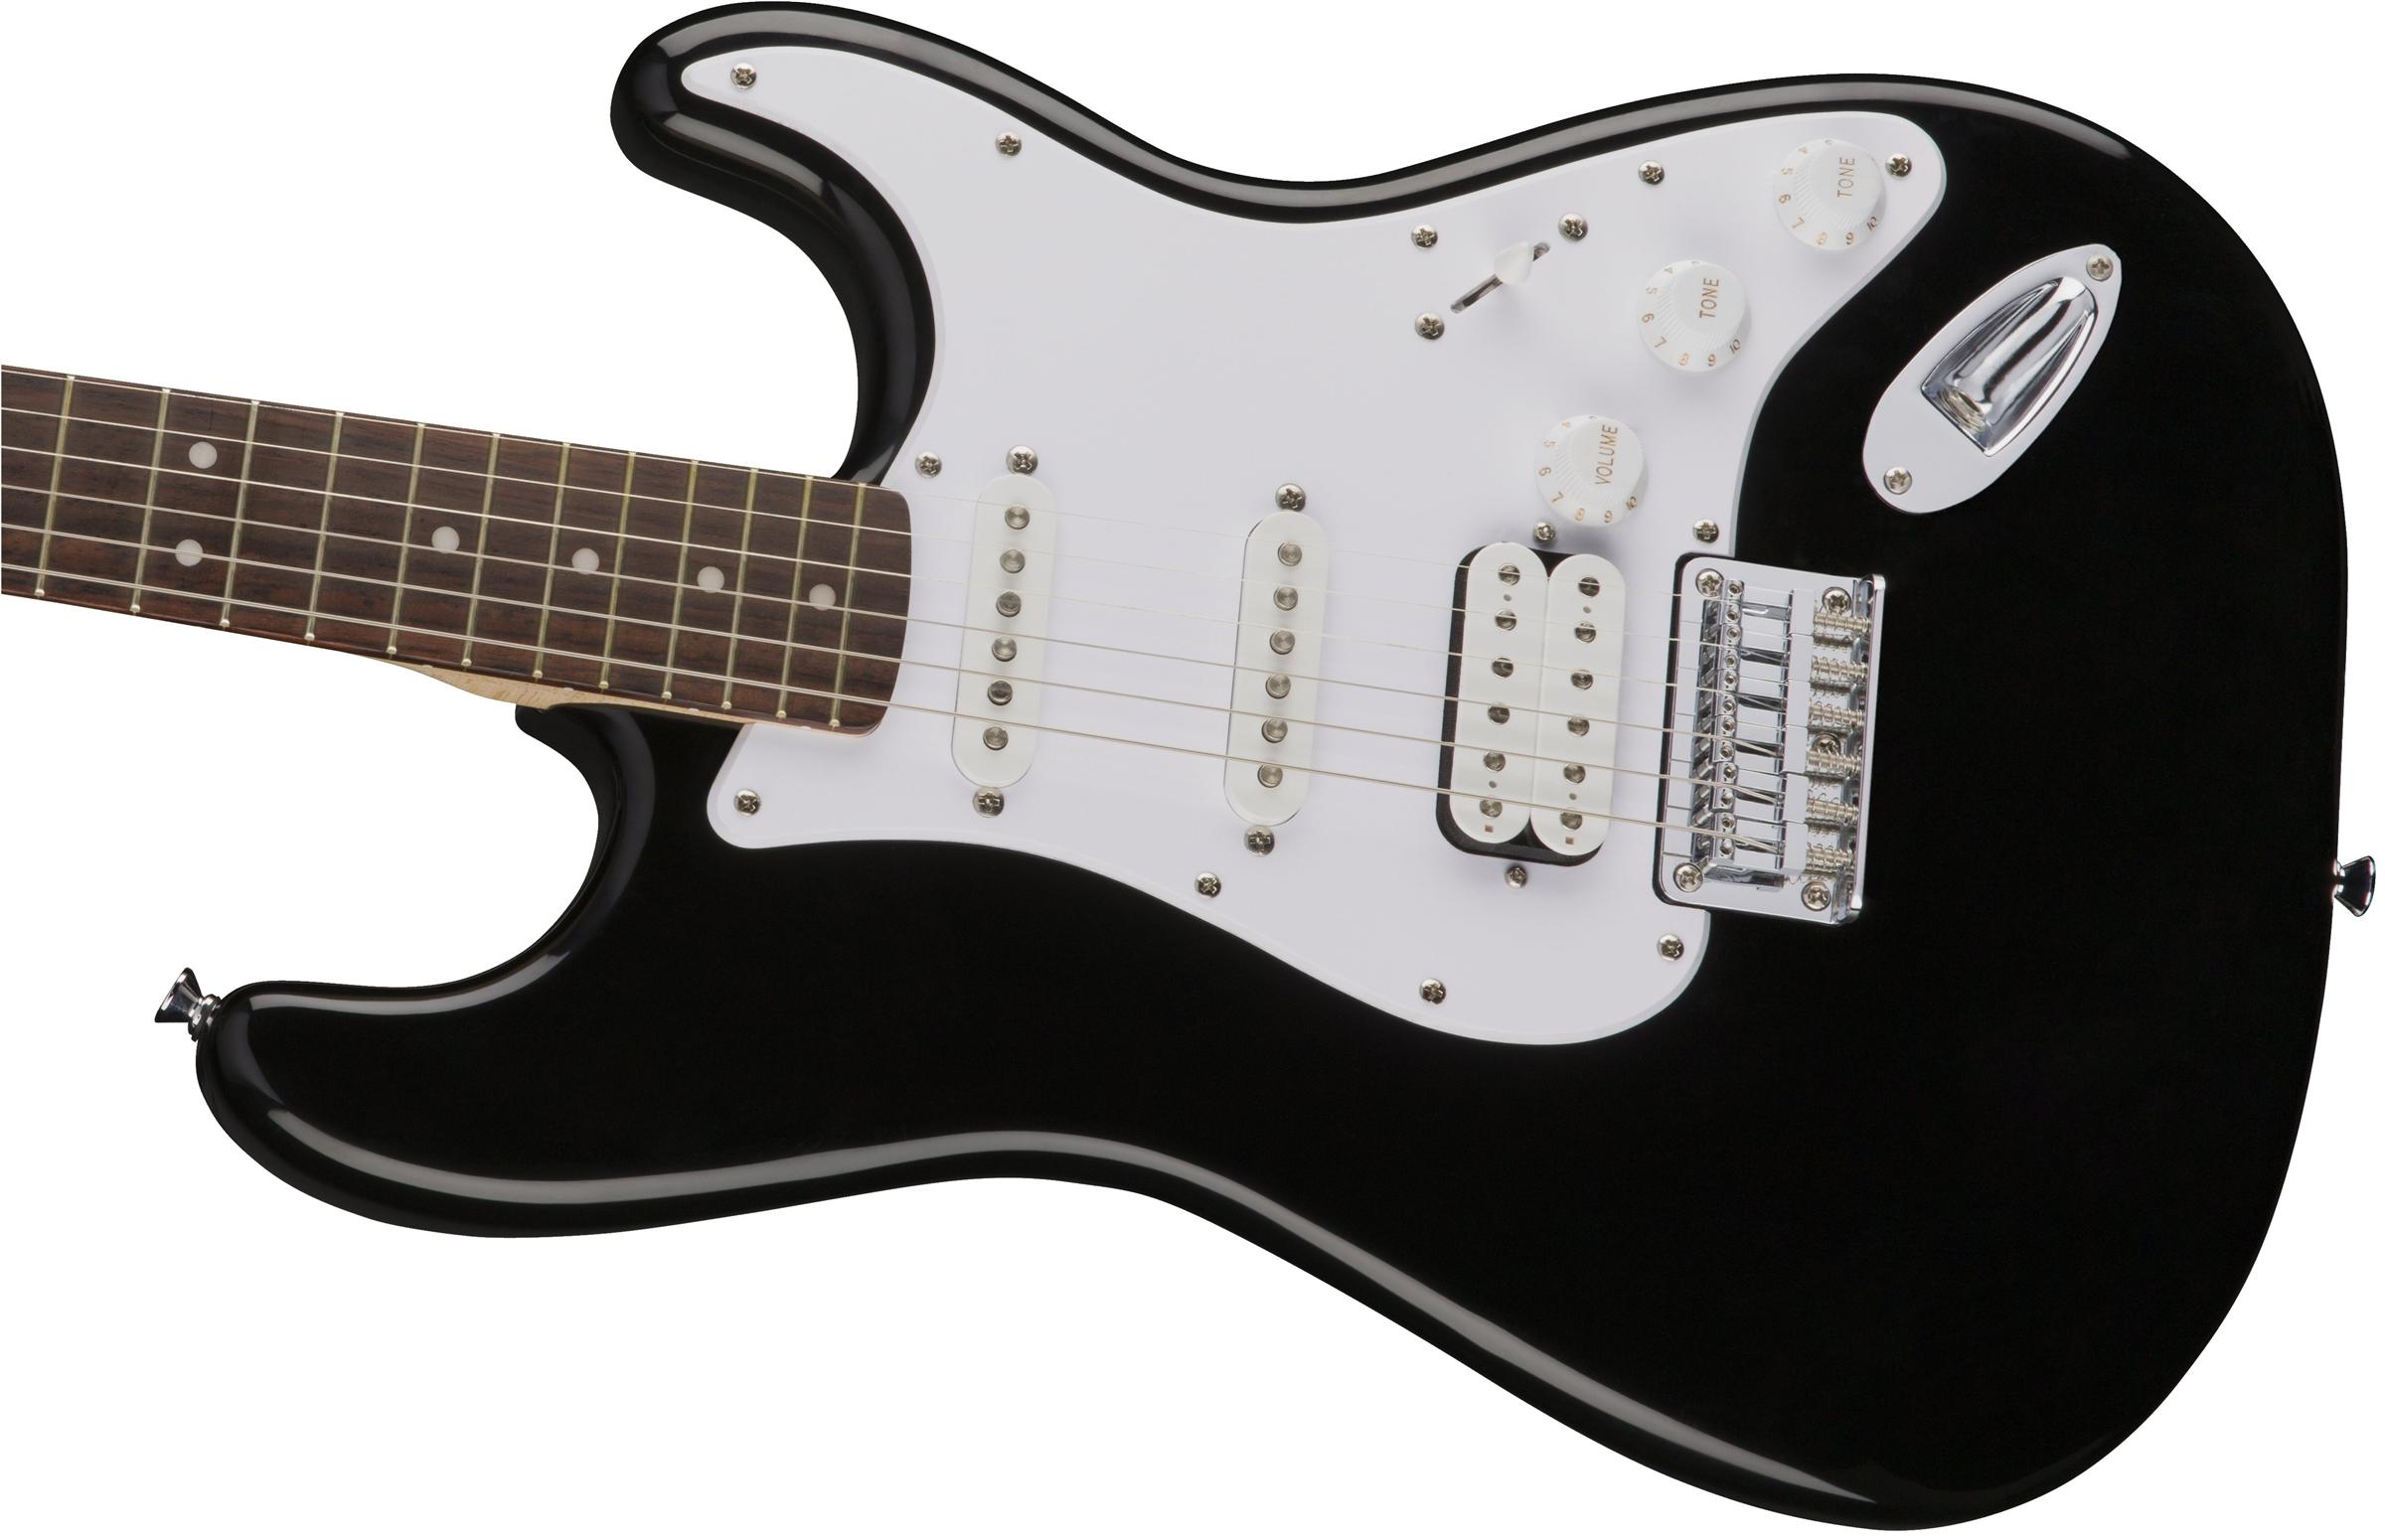 Fantastisch Fender Stratocaster Gitarre Schaltpläne Dummy Spule ...